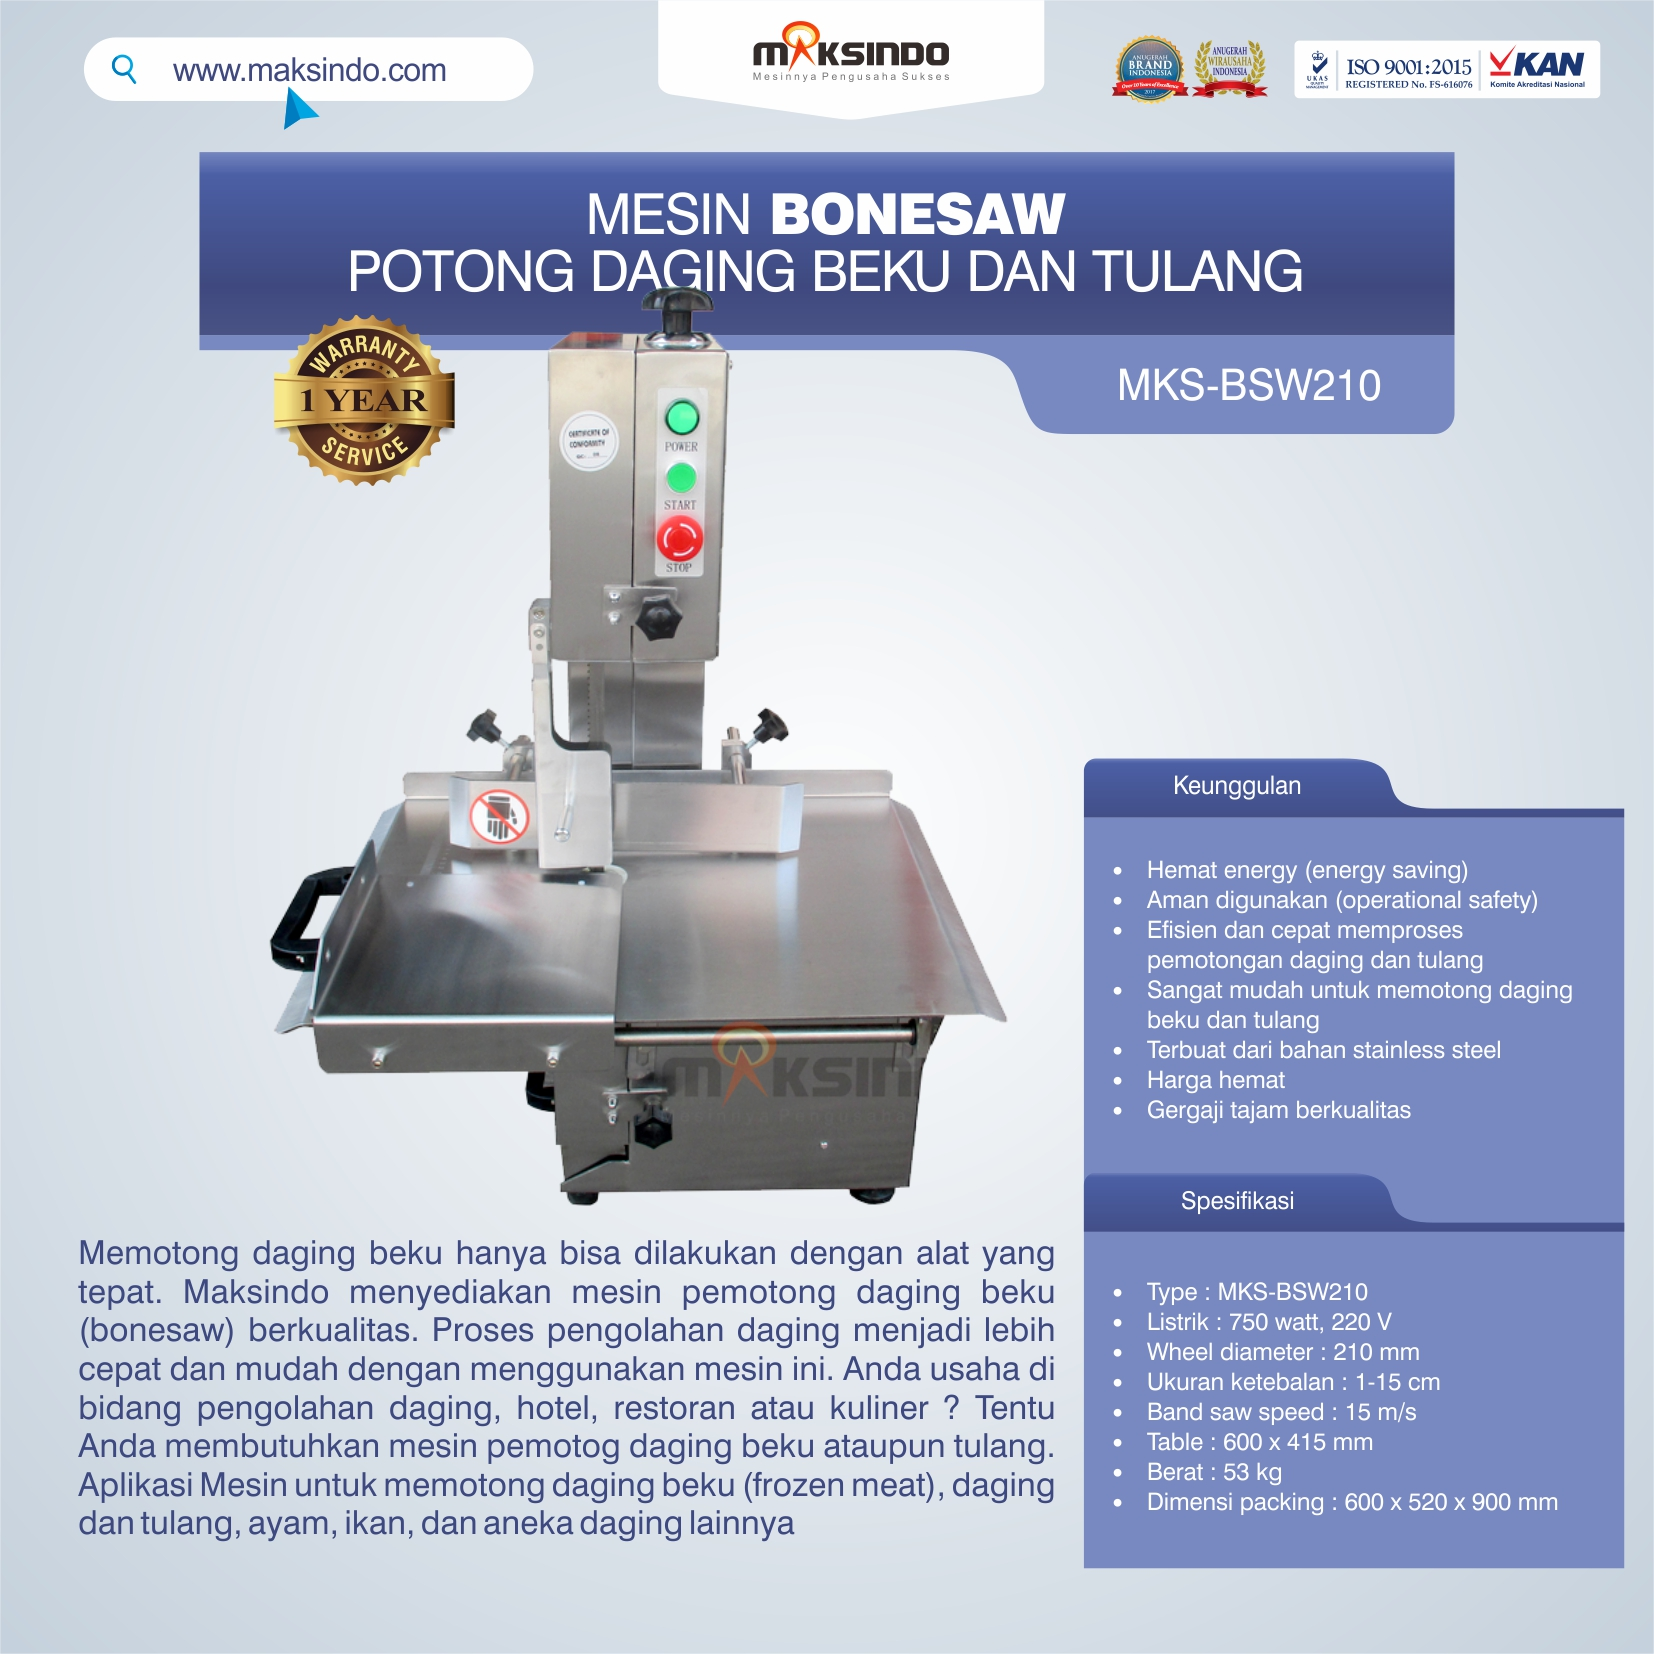 Jual Bonesaw Pemotong Daging Beku (MKS-BSW210)di Palembang